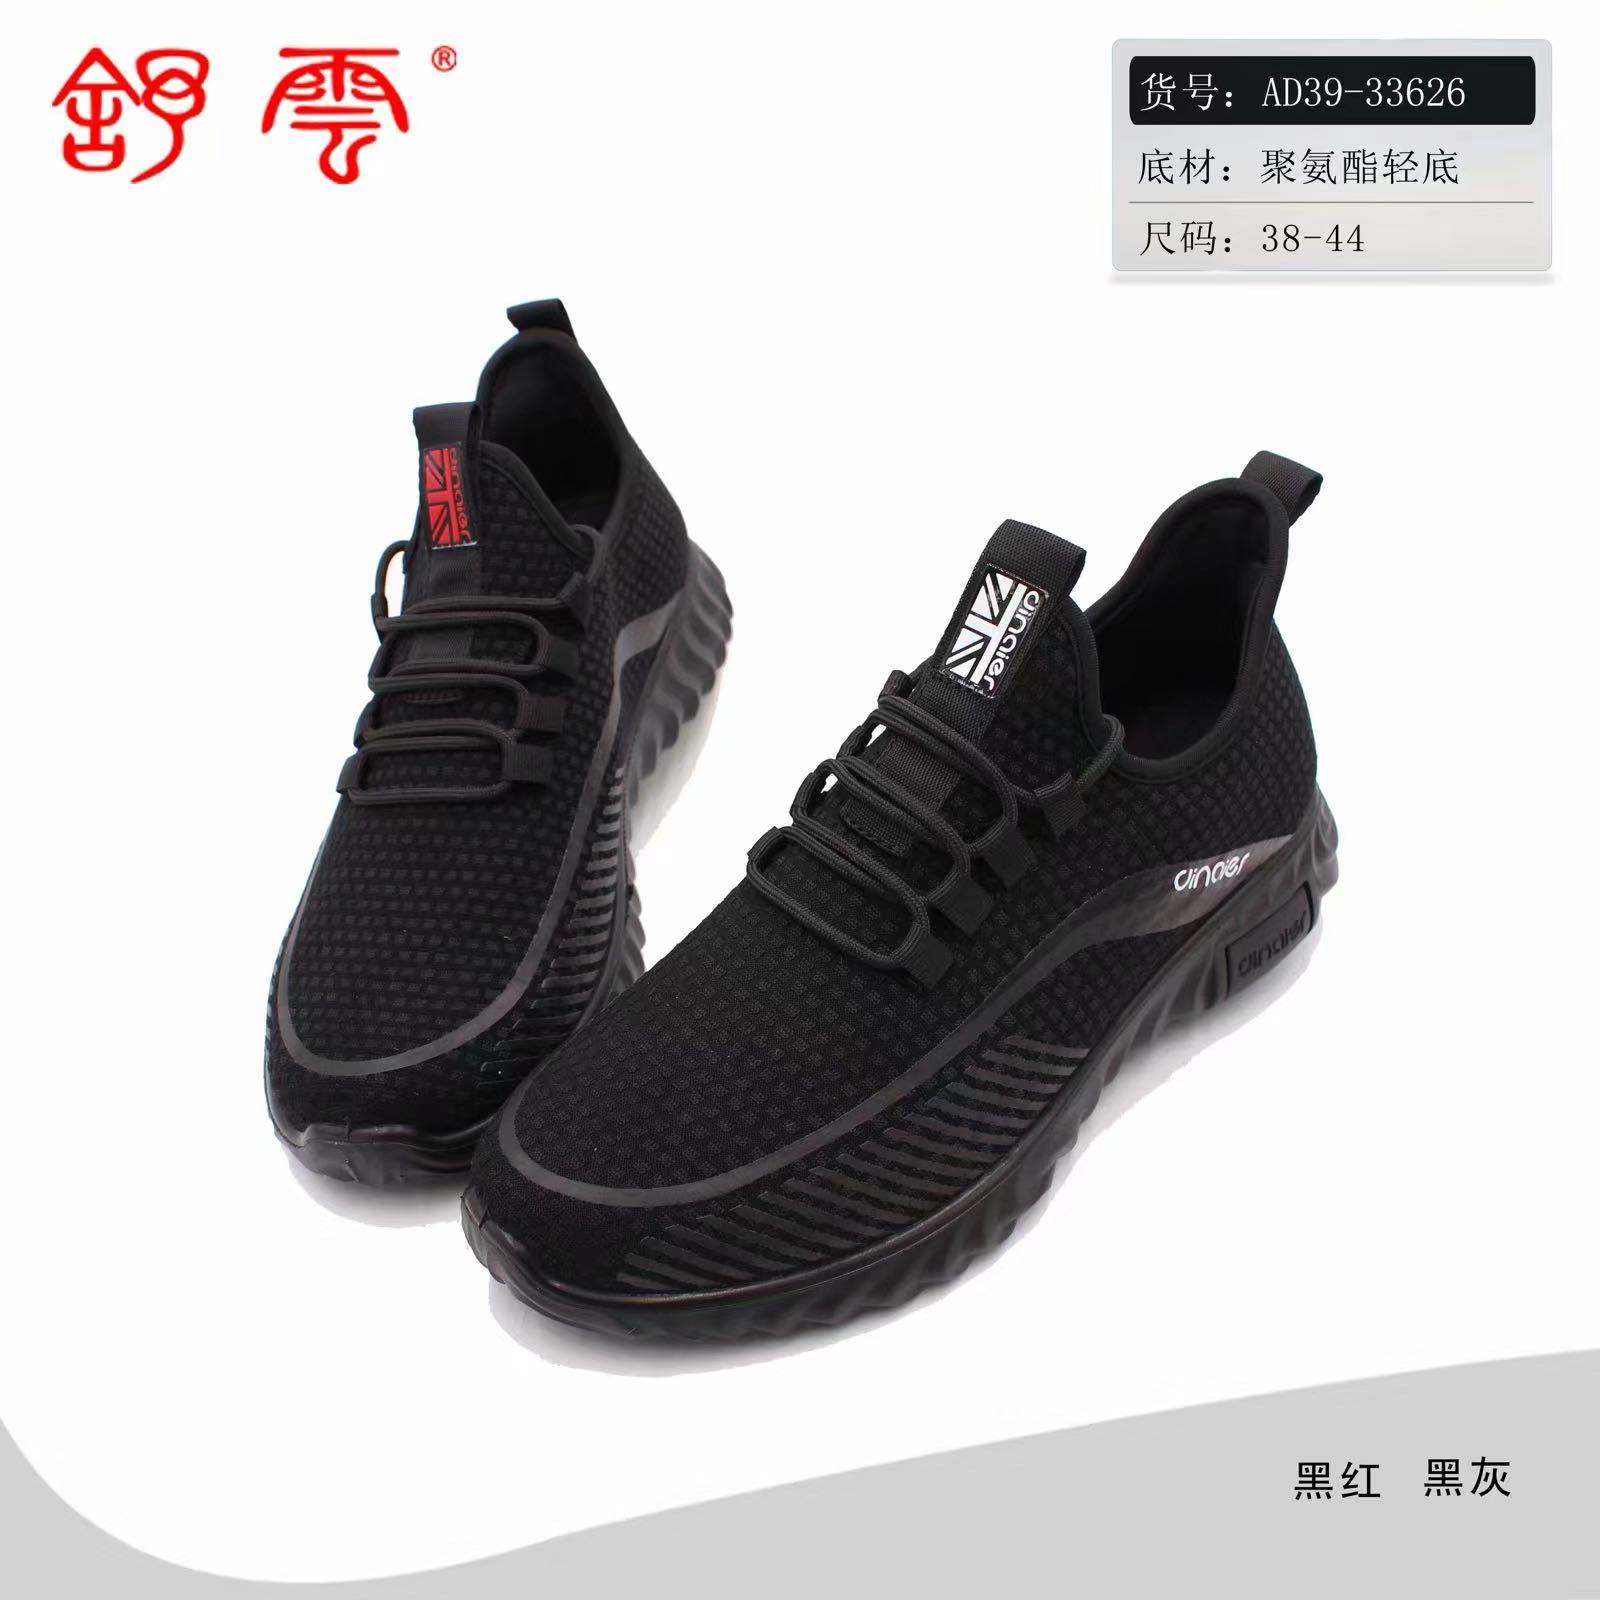 舒云老北京布鞋男士椰子款飞织面料透气舒适排汗超轻底2020年春季